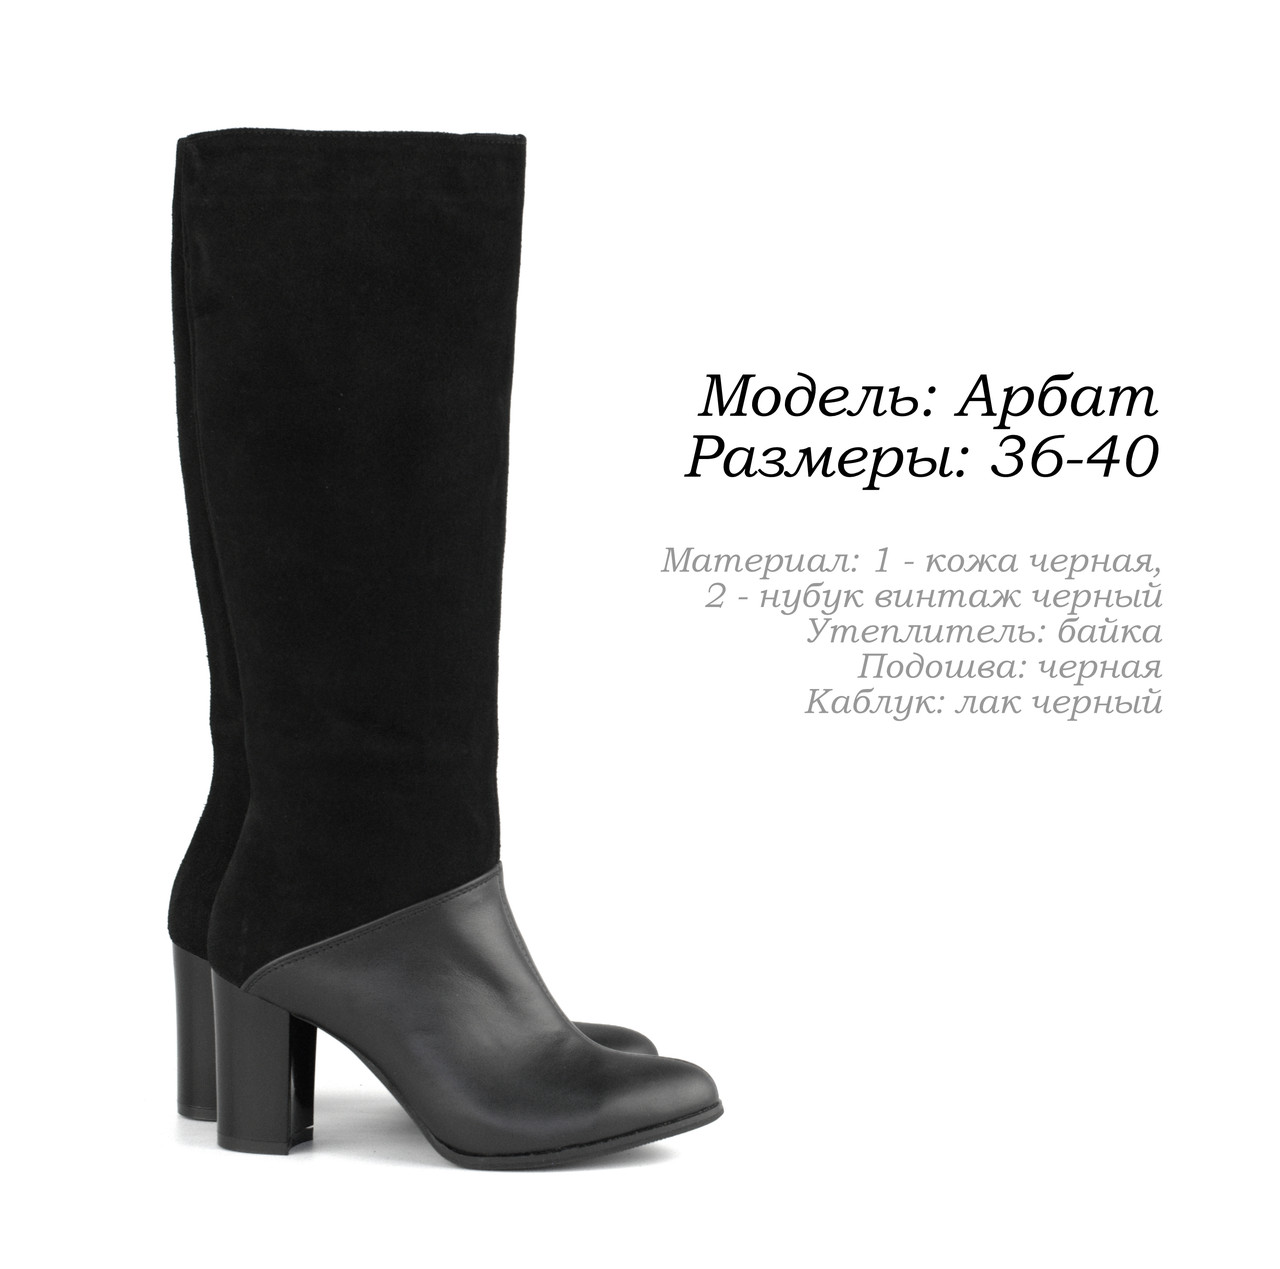 02bdbc553 Кожаная женская обувь. Украина.: продажа, цена в Днепре. сапоги ...